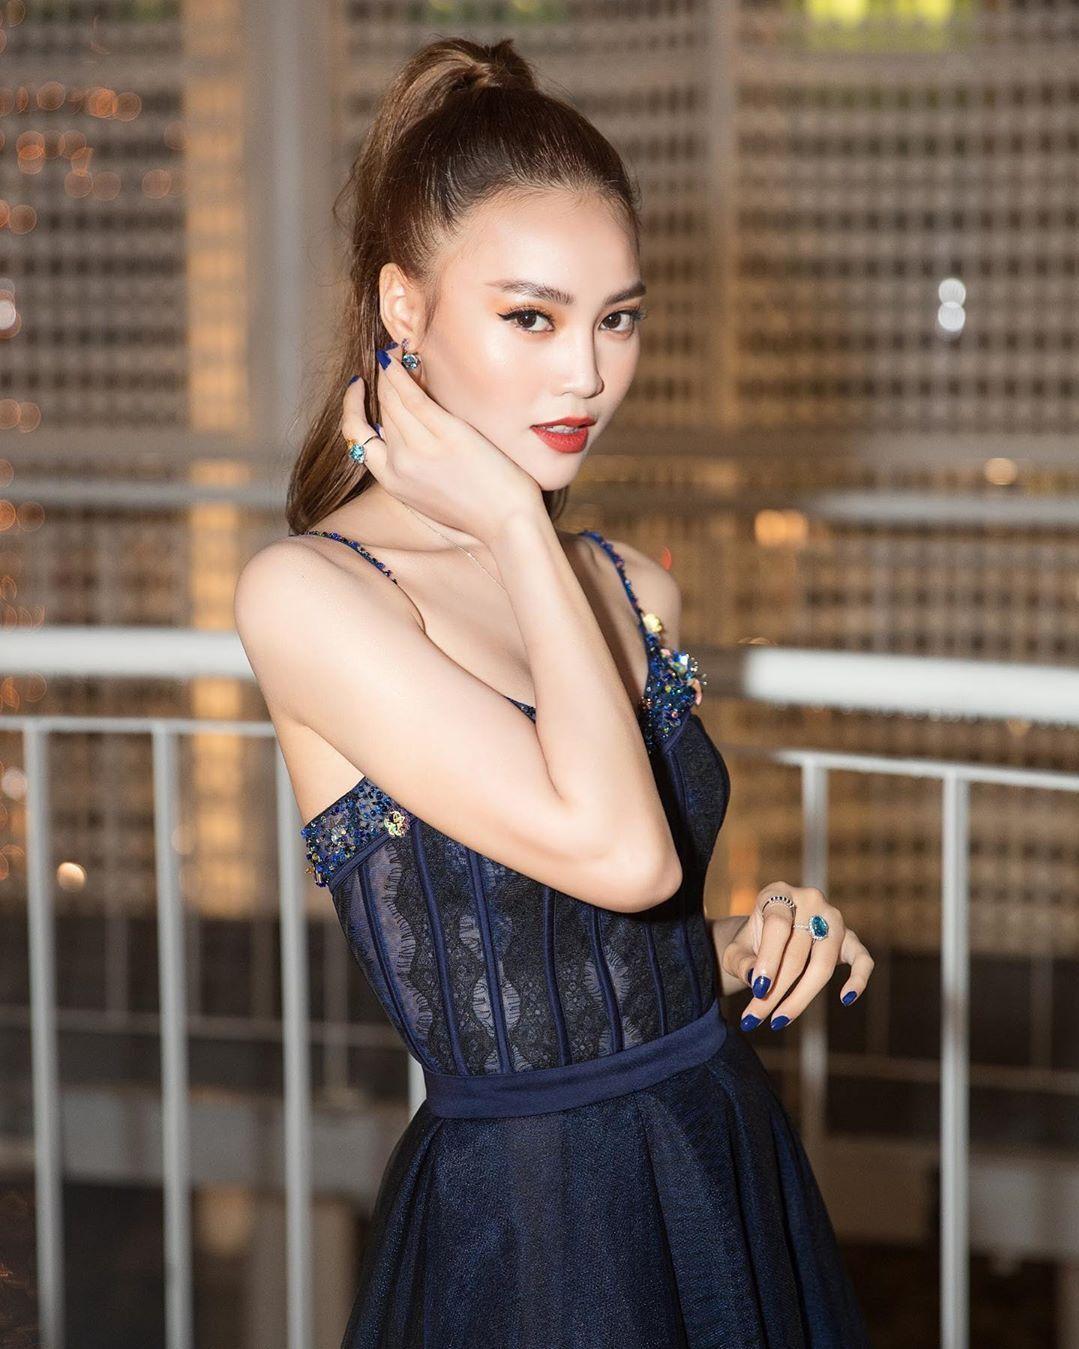 Để không phải hất tóc vào mặt người khác, Á hậu Linh Chi nên tham luôn và khảo ngay loạt style tóc đi dự sư kiện sang - xịn - mịn thế này - Ảnh 6.